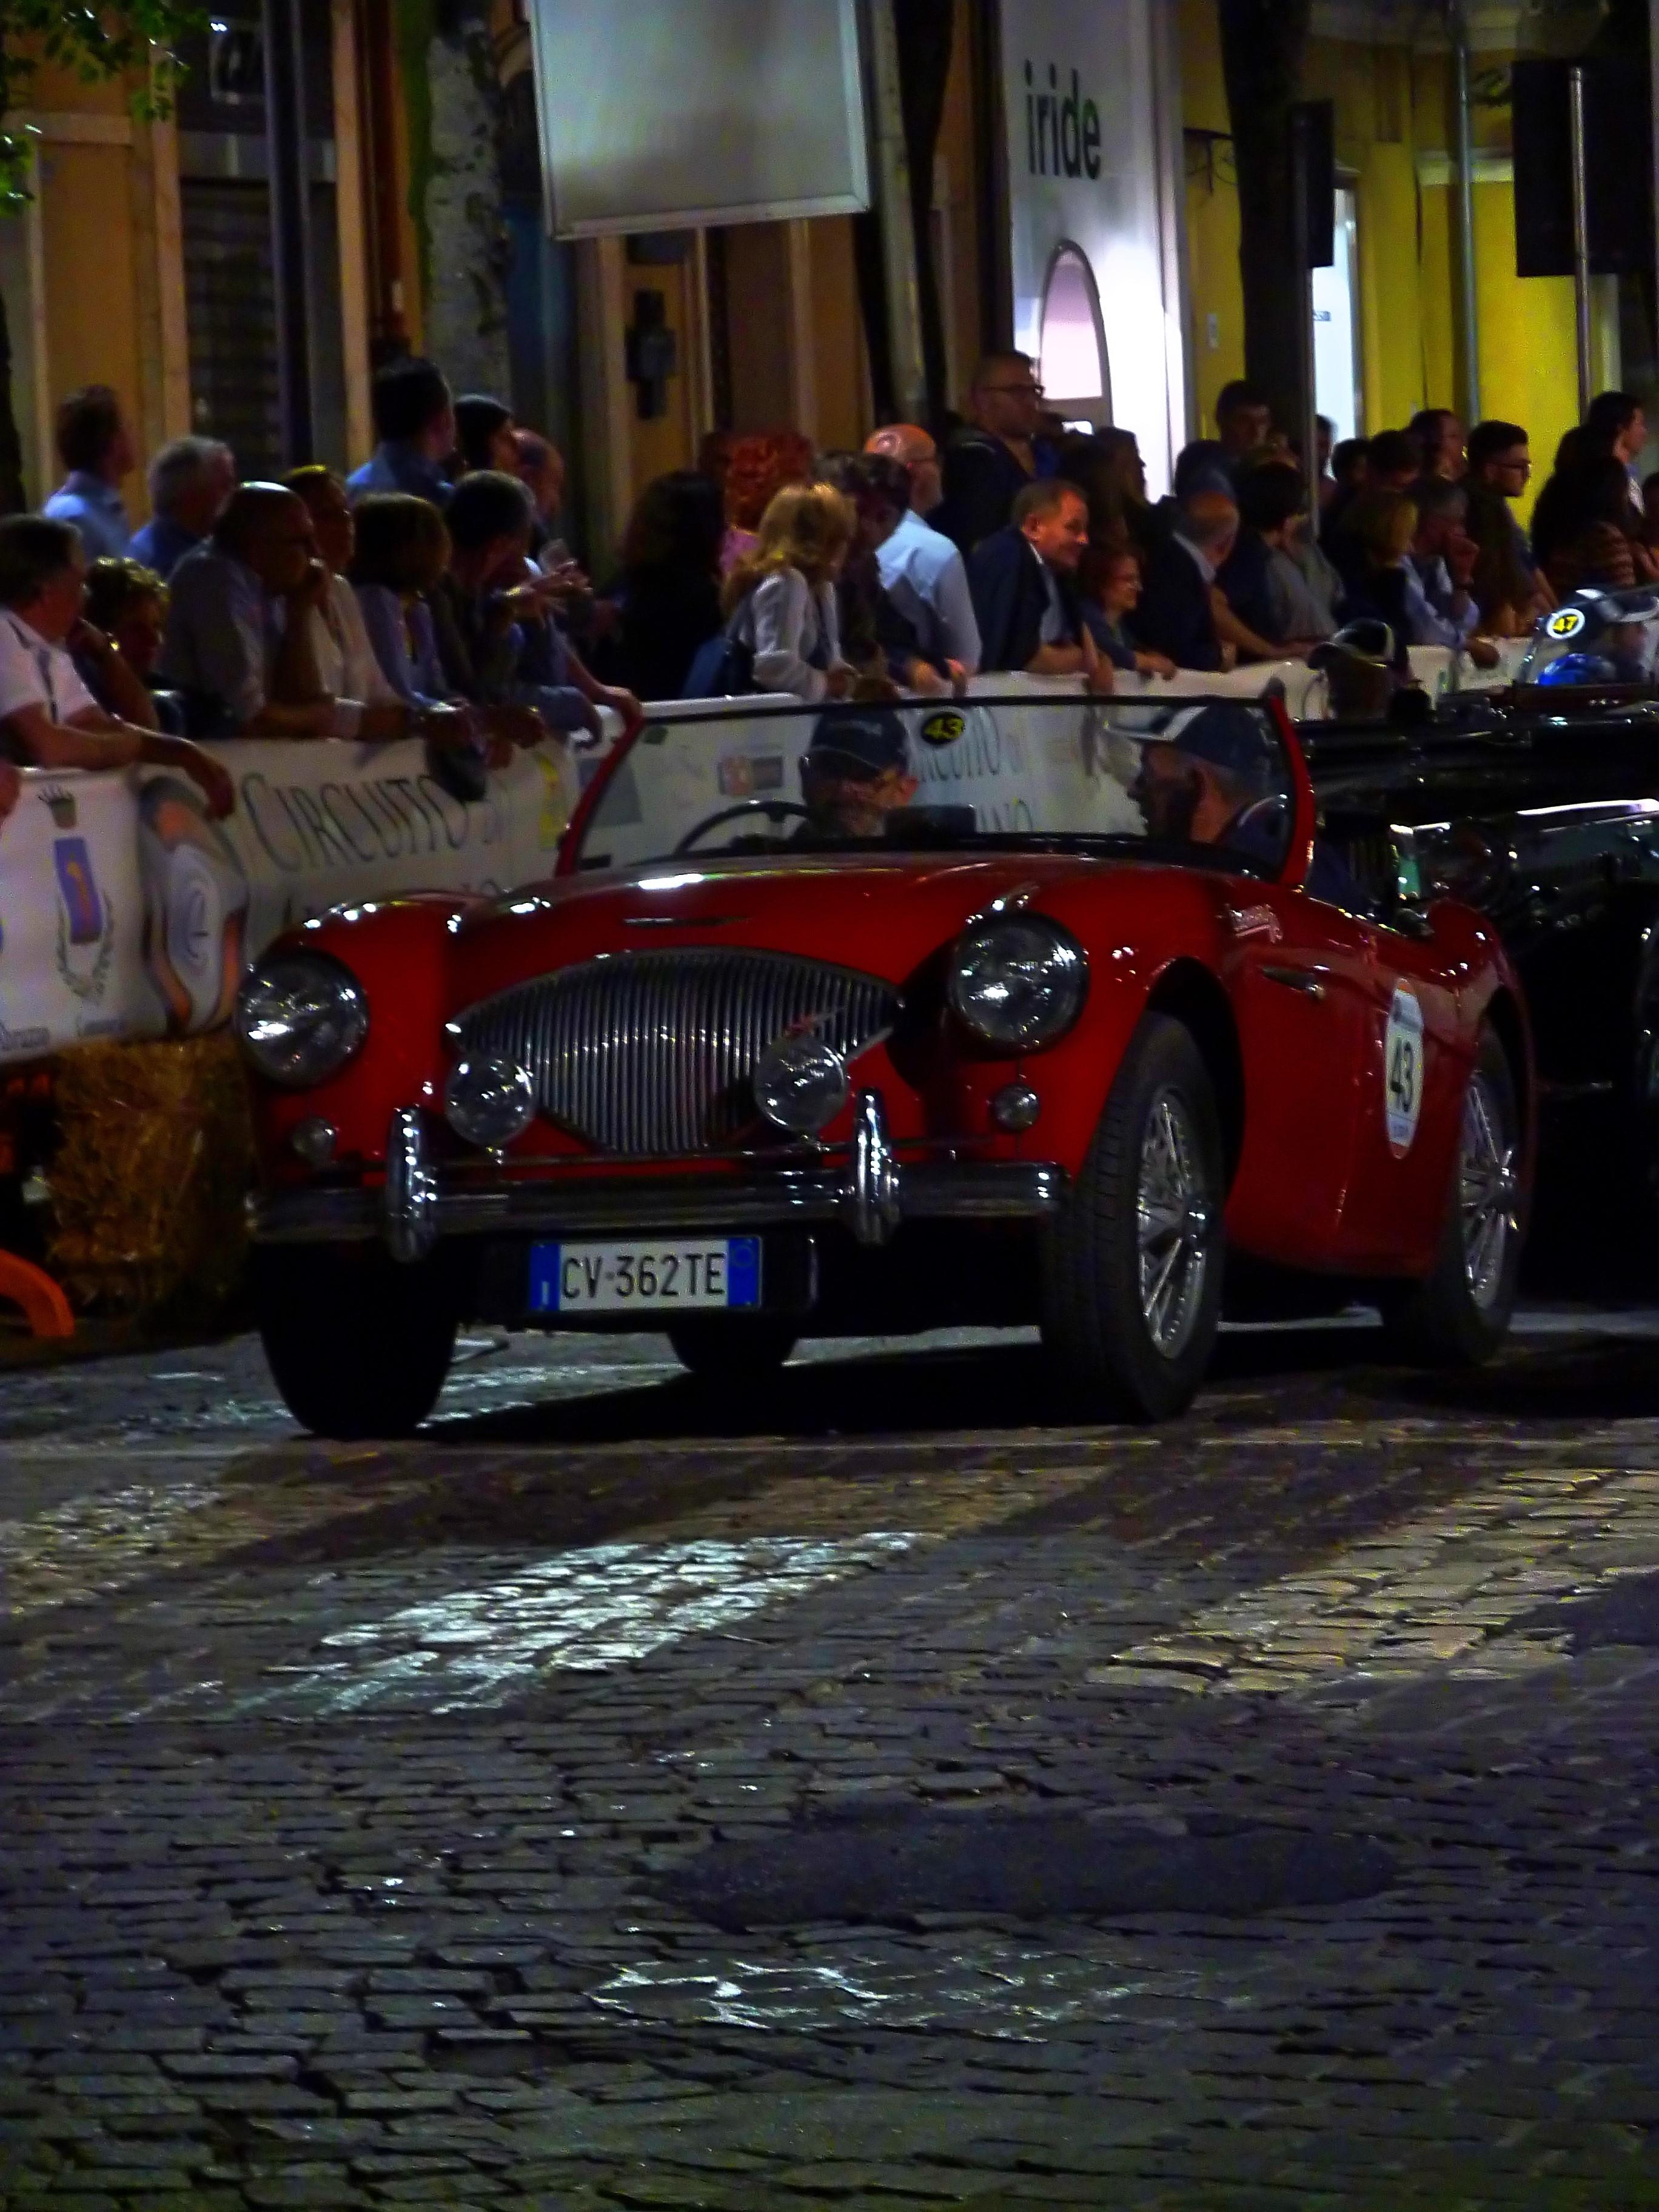 4th Circuito Di Avezzano (344)